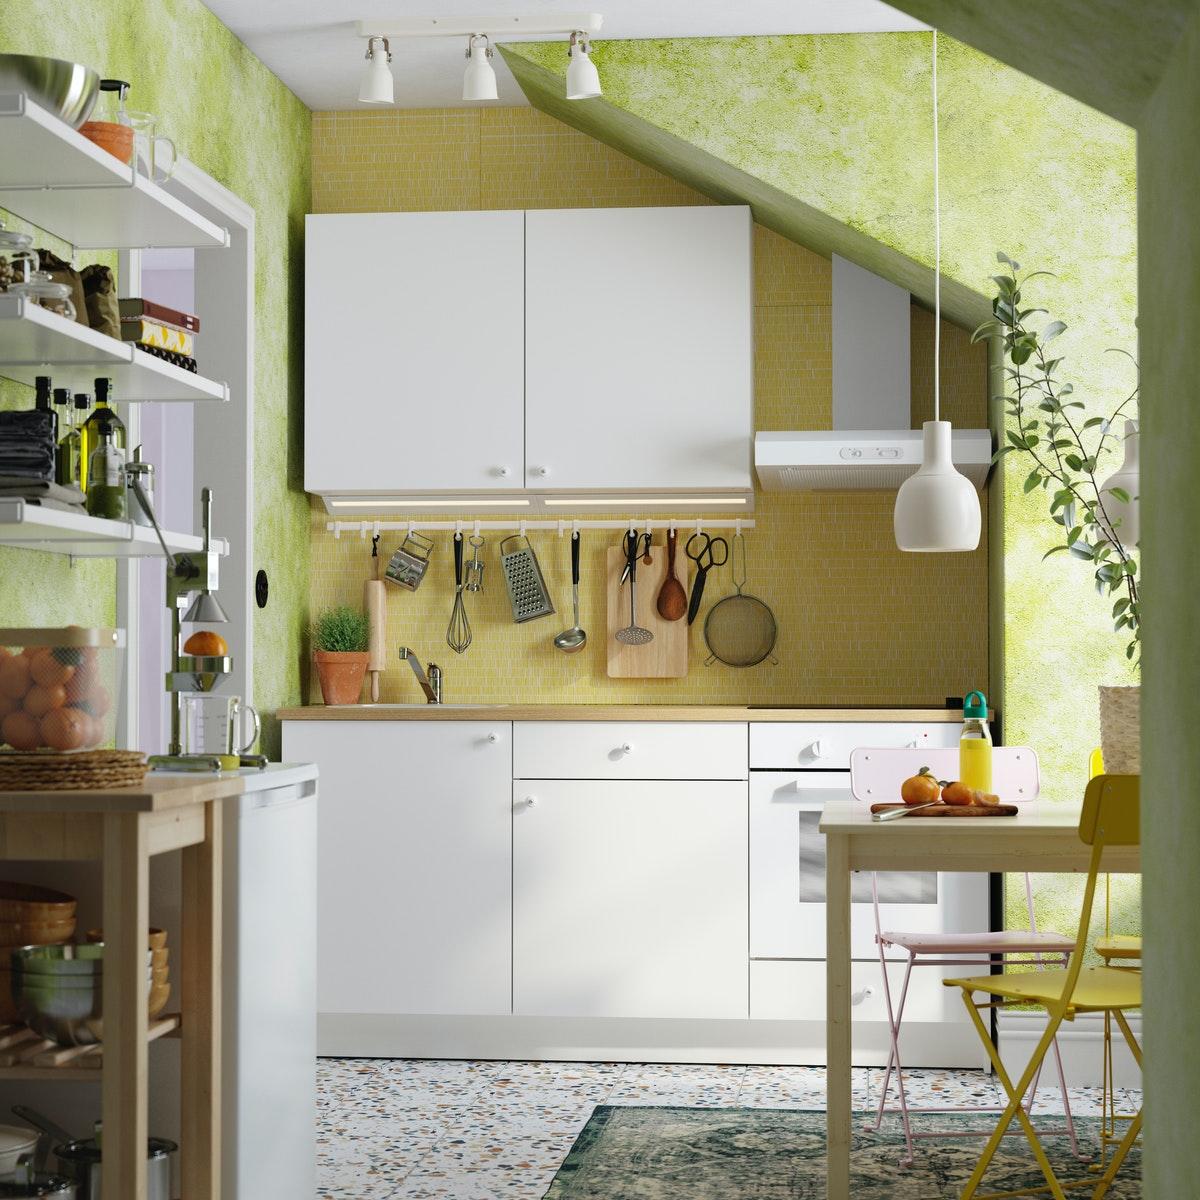 Cómo organizar y distribuir la cocina de un piso compartido